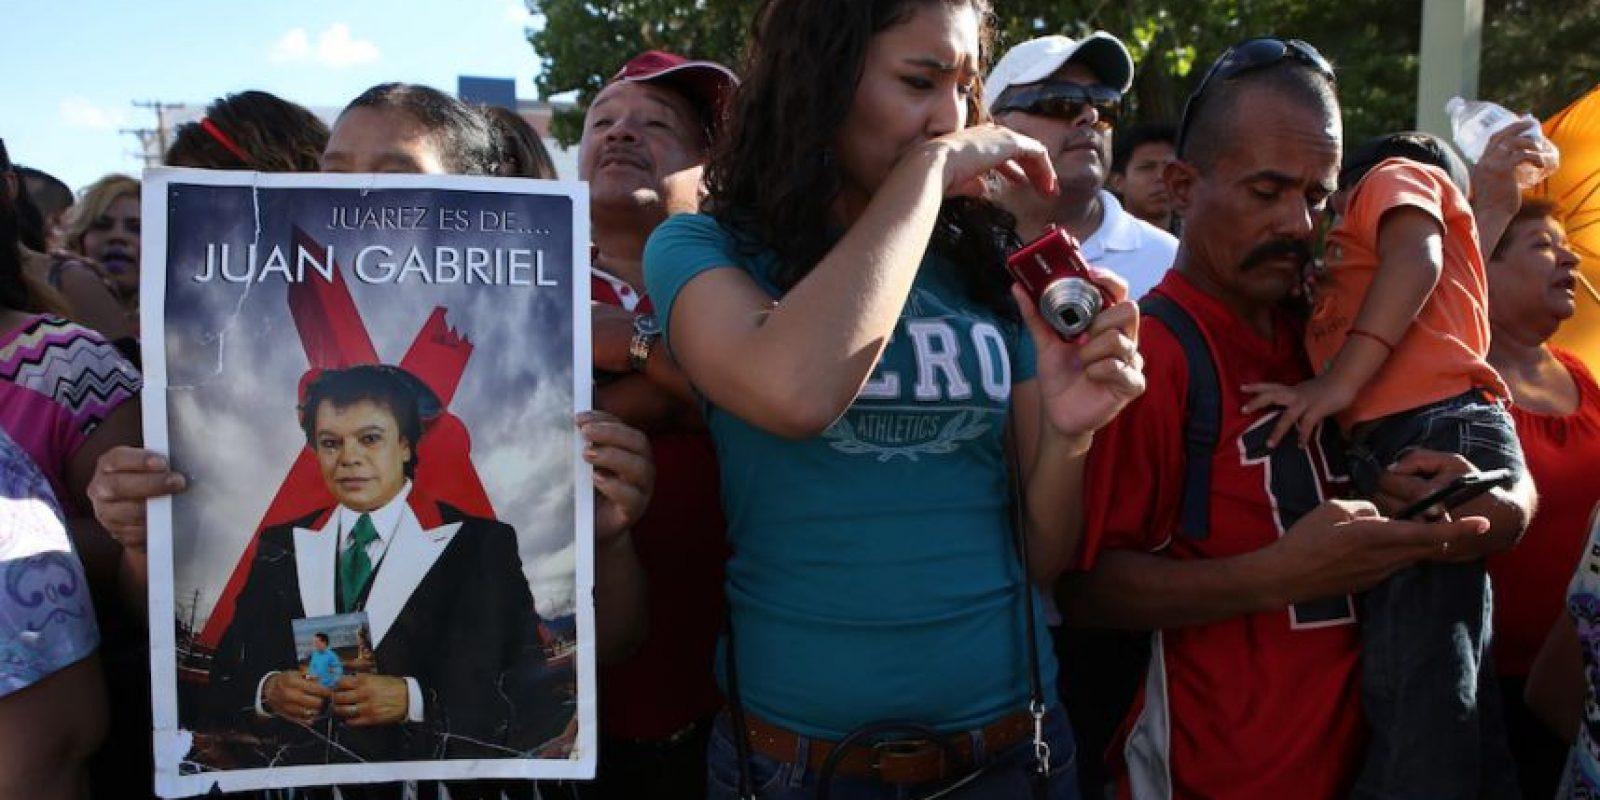 México se prepara para despedir a Juan Gabriel Foto:AP